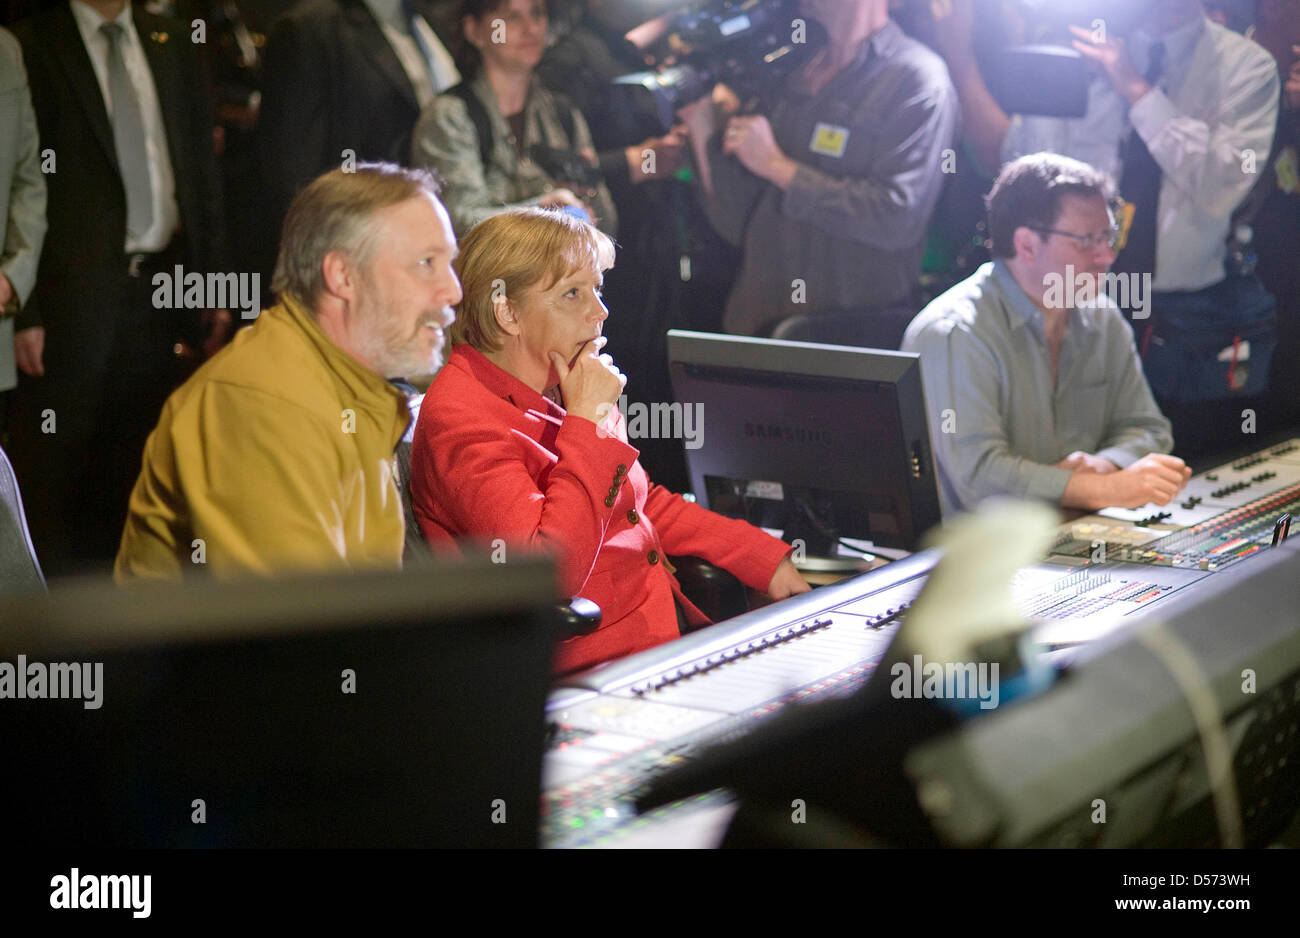 Bundeskanzlerin Angela Merkel lässt sich am  14.04.2010 auf dem Studiogelände von Warner Brothers die Postproduktion eines Kinofilms erläutern. Foto: Bundespresseamt/ Guido Bergmann Stock Photo